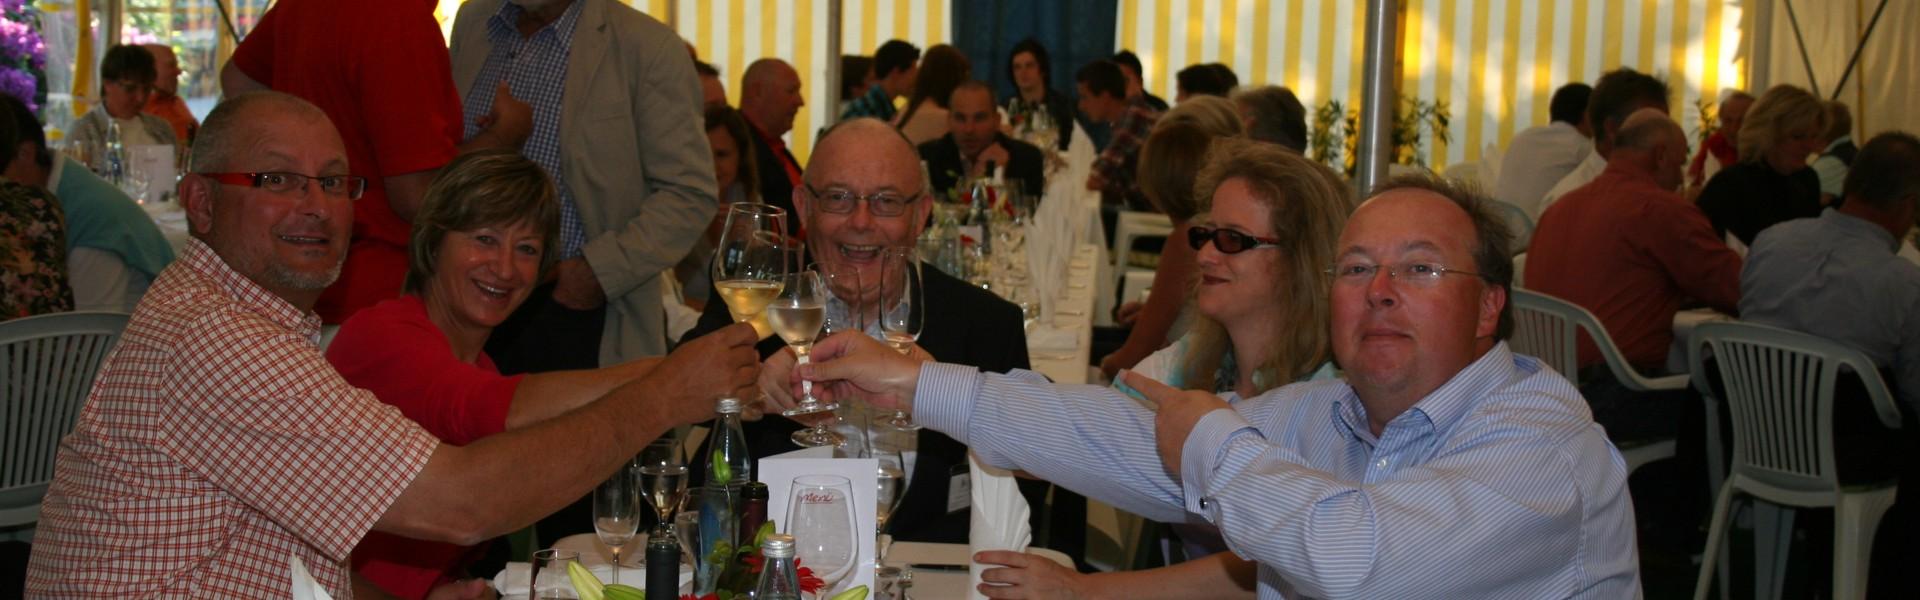 Gföllner Ingrid im Zelt, fröhlich und ausgelassen feiern